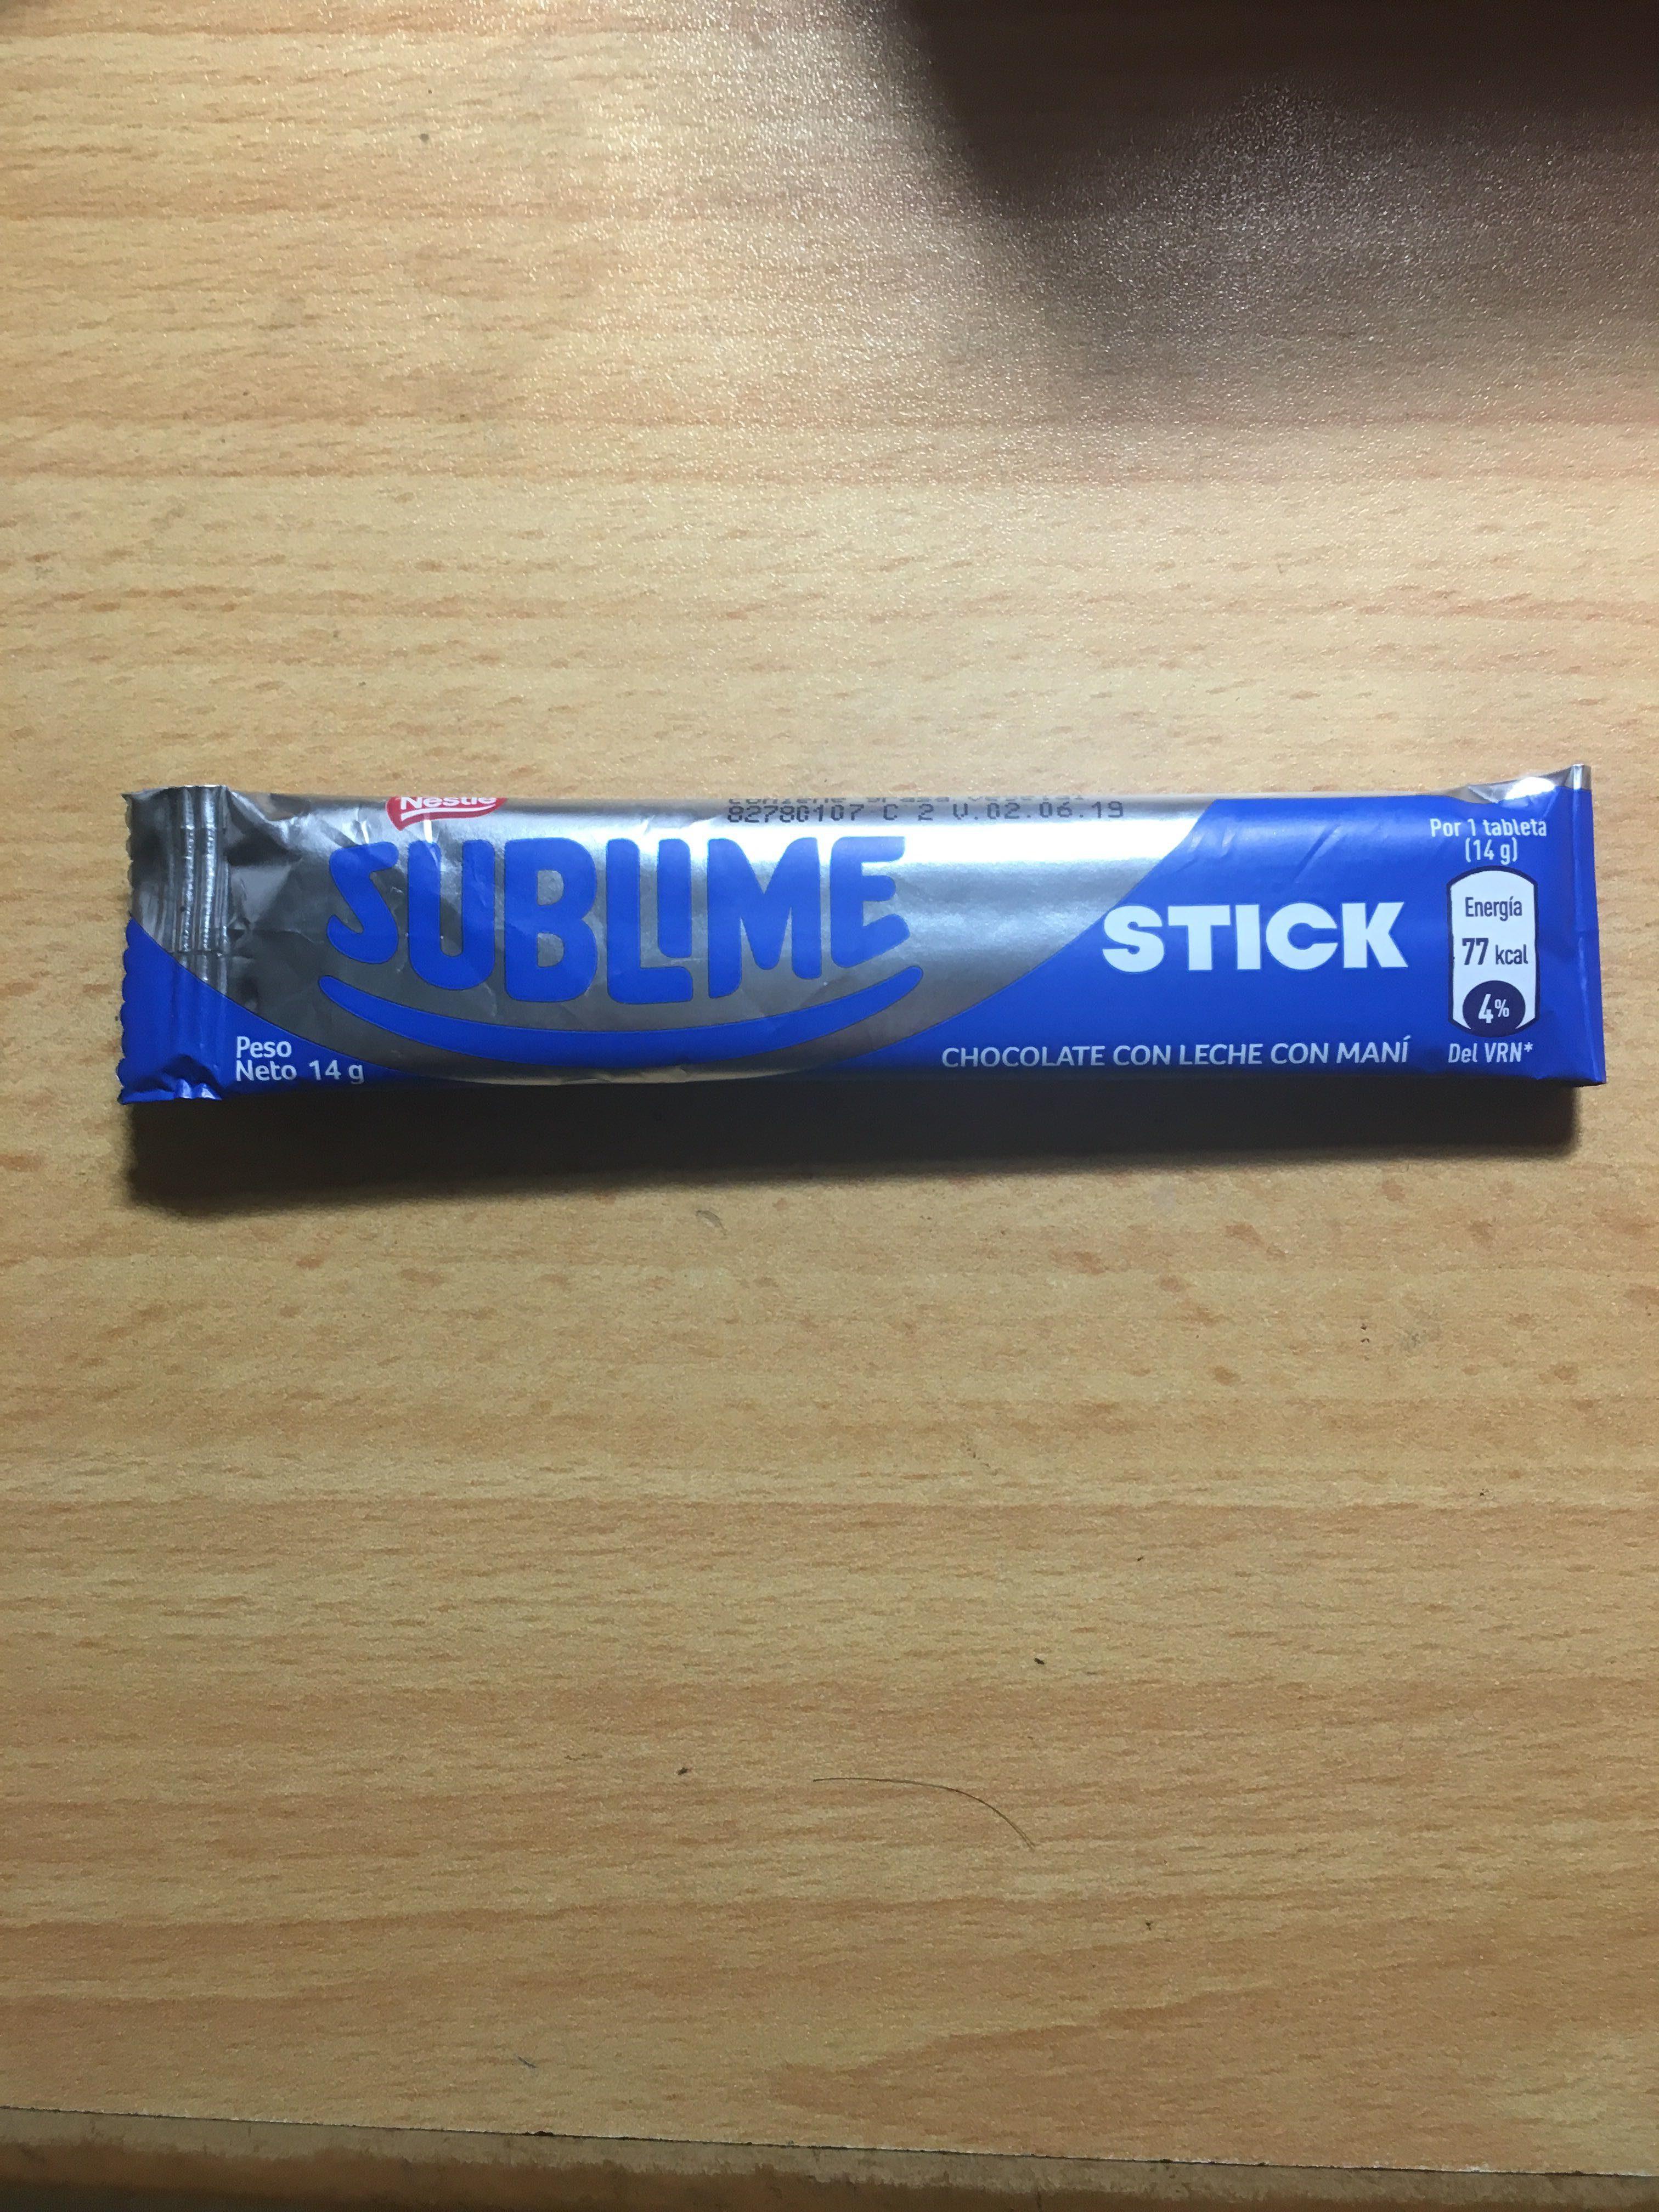 Nestle Sublime Stick - Product - es